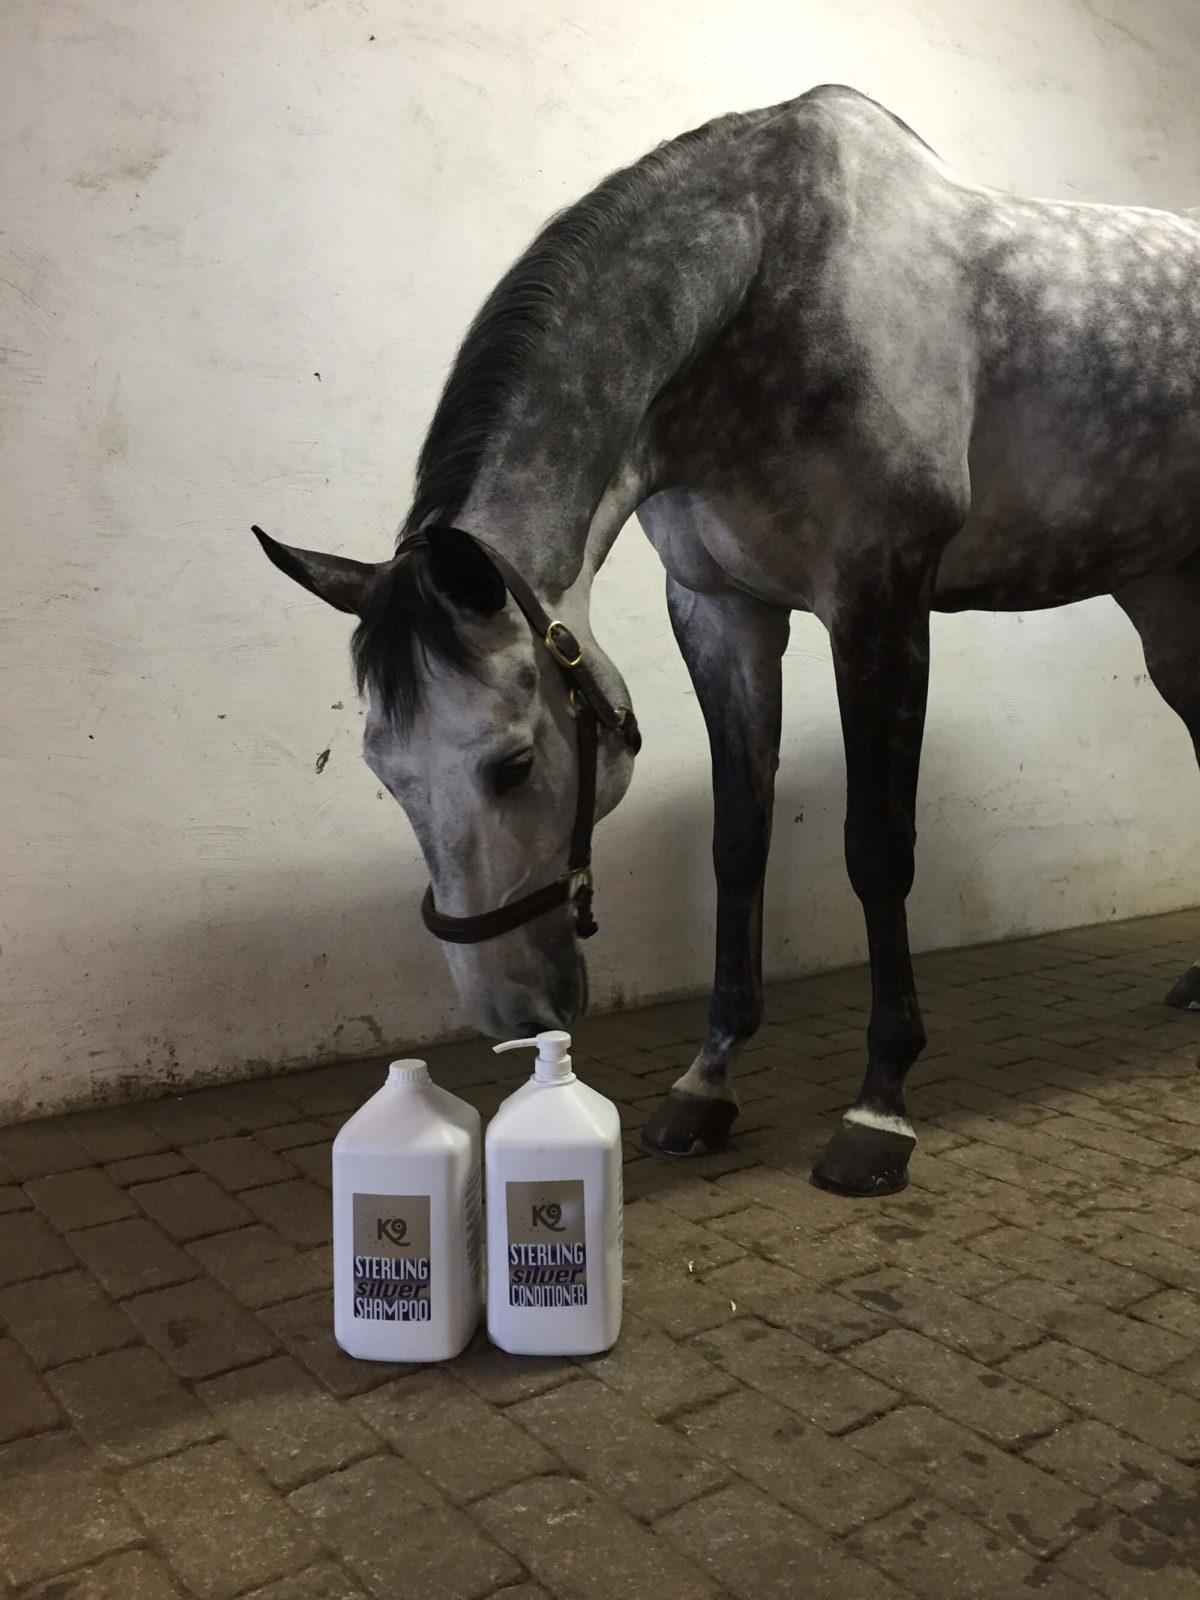 En häst inomhus samt två flaskor Sterling shampoo och balsam